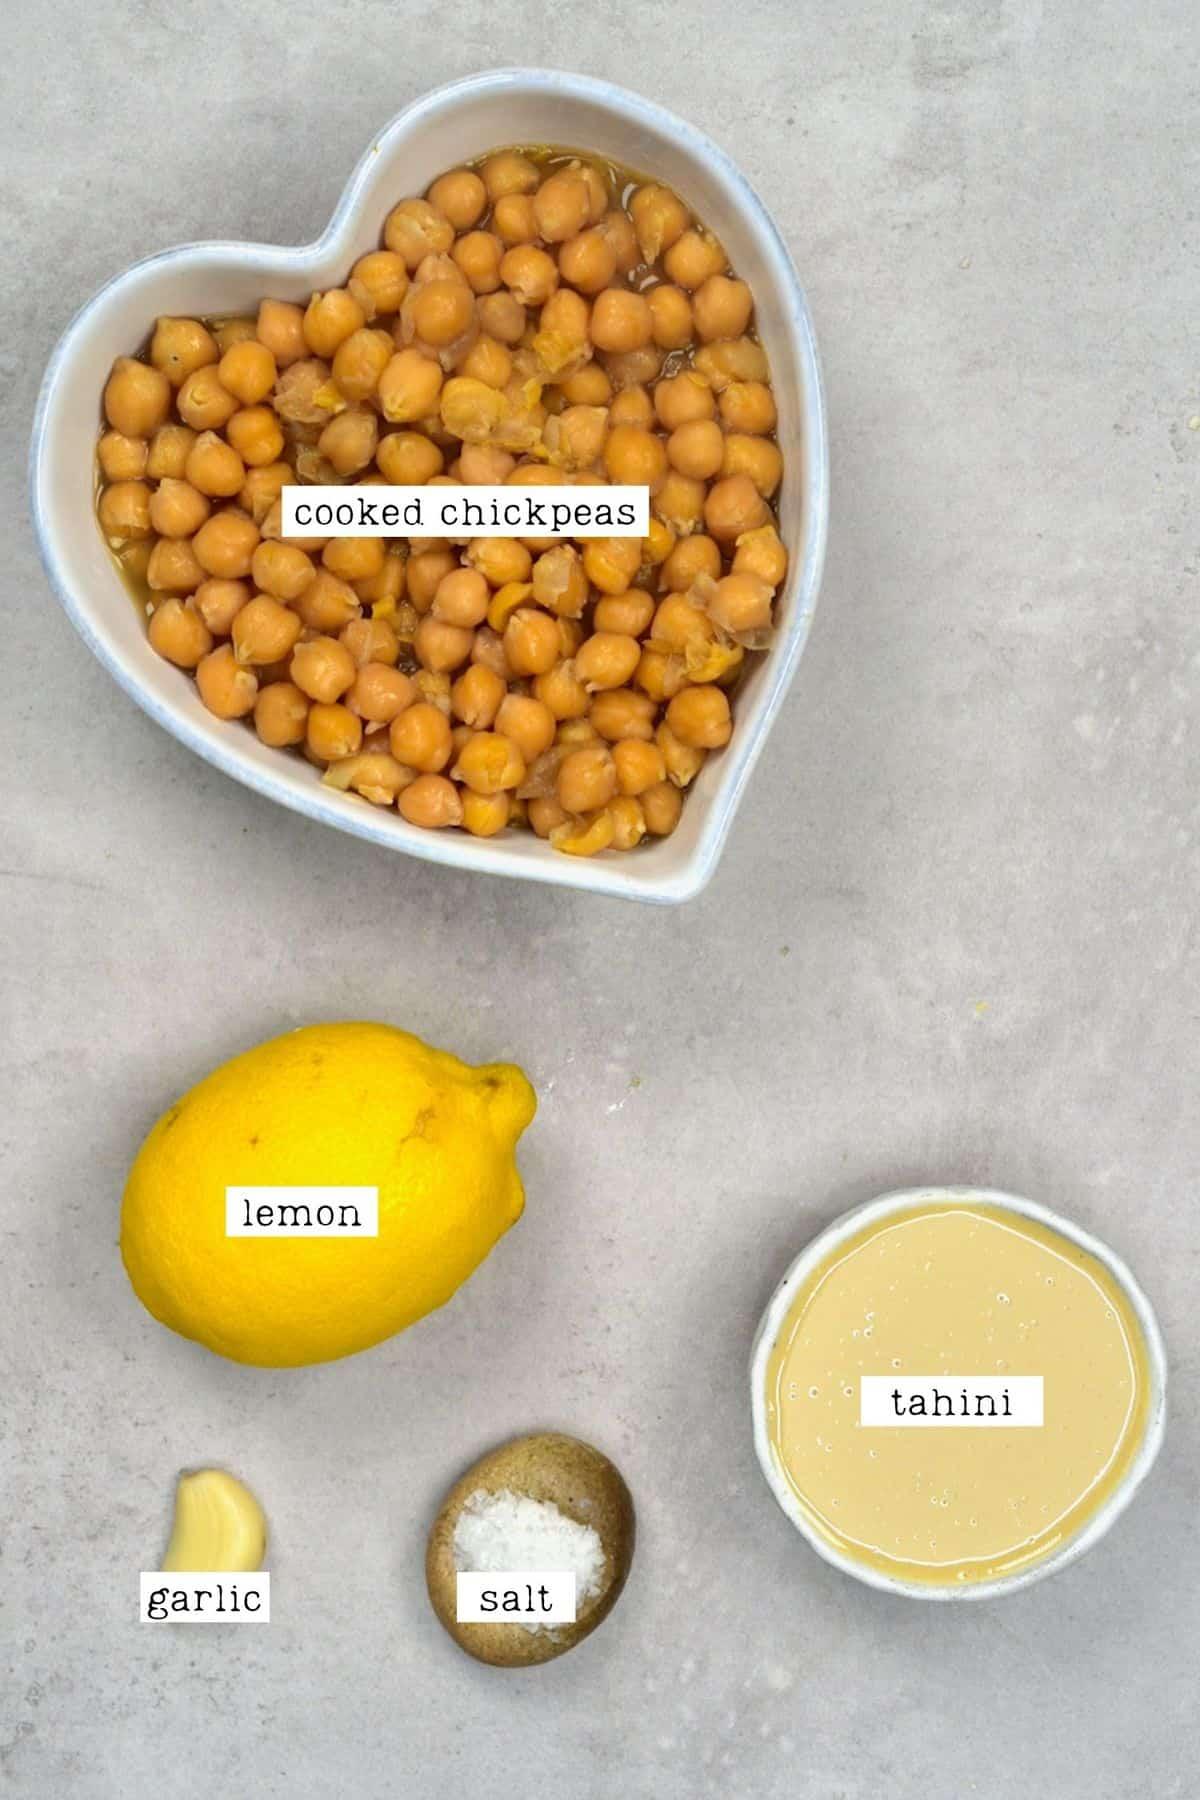 Ingredients for making hummus